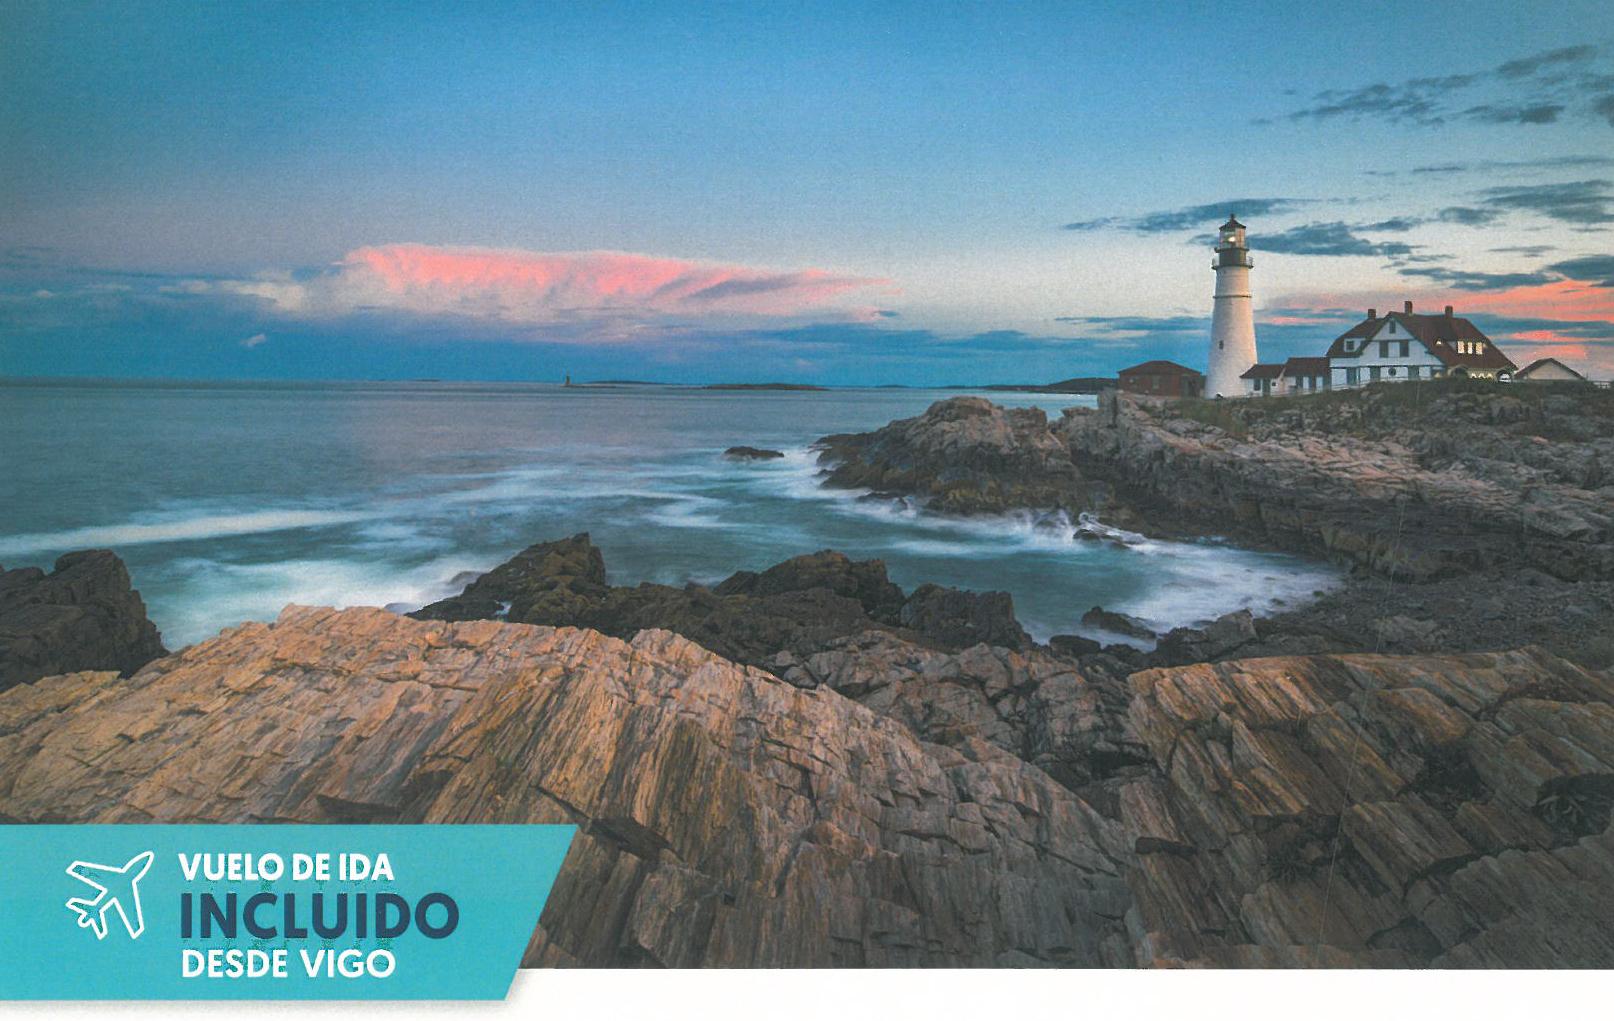 Oferta Especial, crucero con salida desde Vigo y viaje de vuelta a Vigo incluido. SALIDA 7 DE SEPTIEMBRE DE 2019